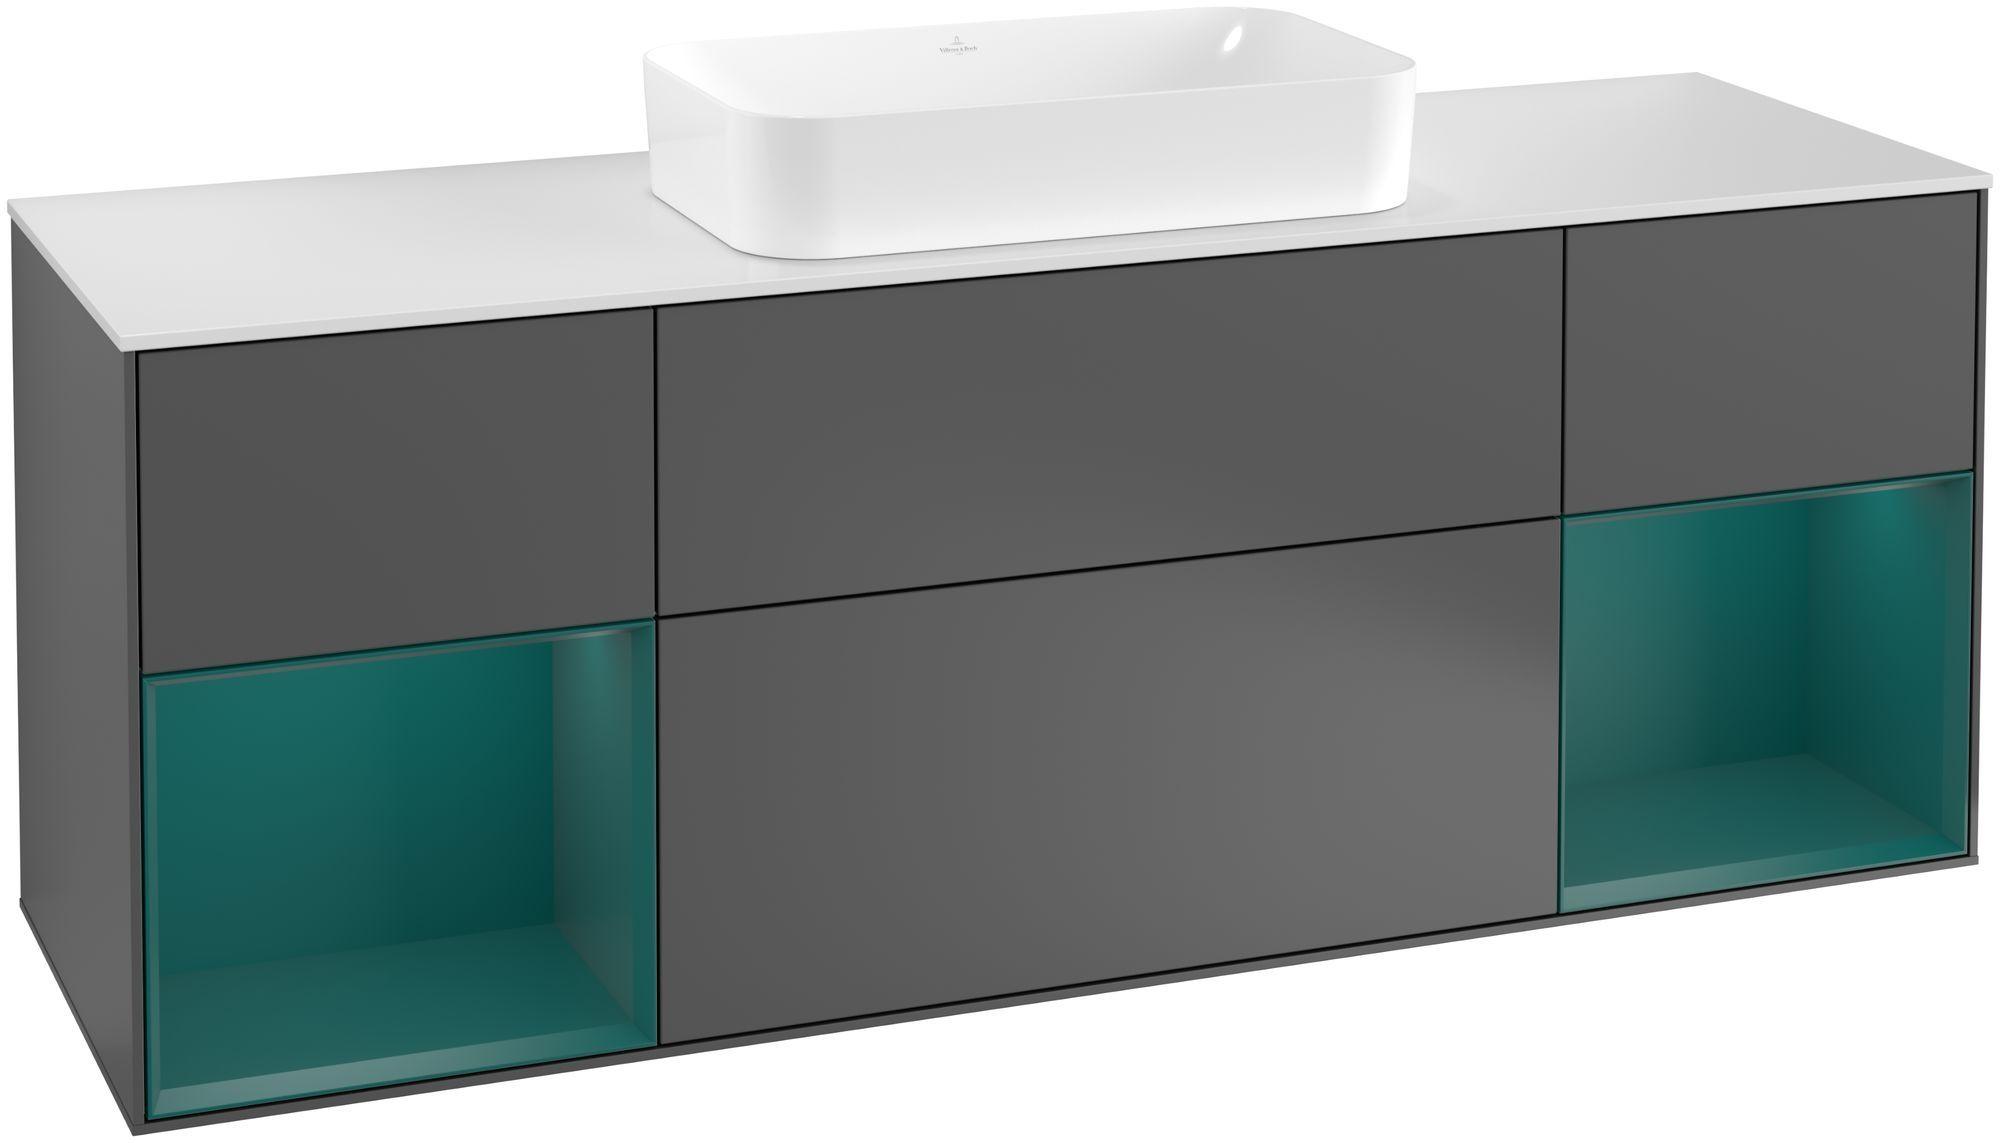 Villeroy & Boch Finion F33 Waschtischunterschrank mit Regalelement 4 Auszüge Waschtisch mittig LED-Beleuchtung B:160xH:60,3xT:50,1cm Front, Korpus: Anthracite Matt, Regal: Cedar, Glasplatte: White Matt F331GSGK